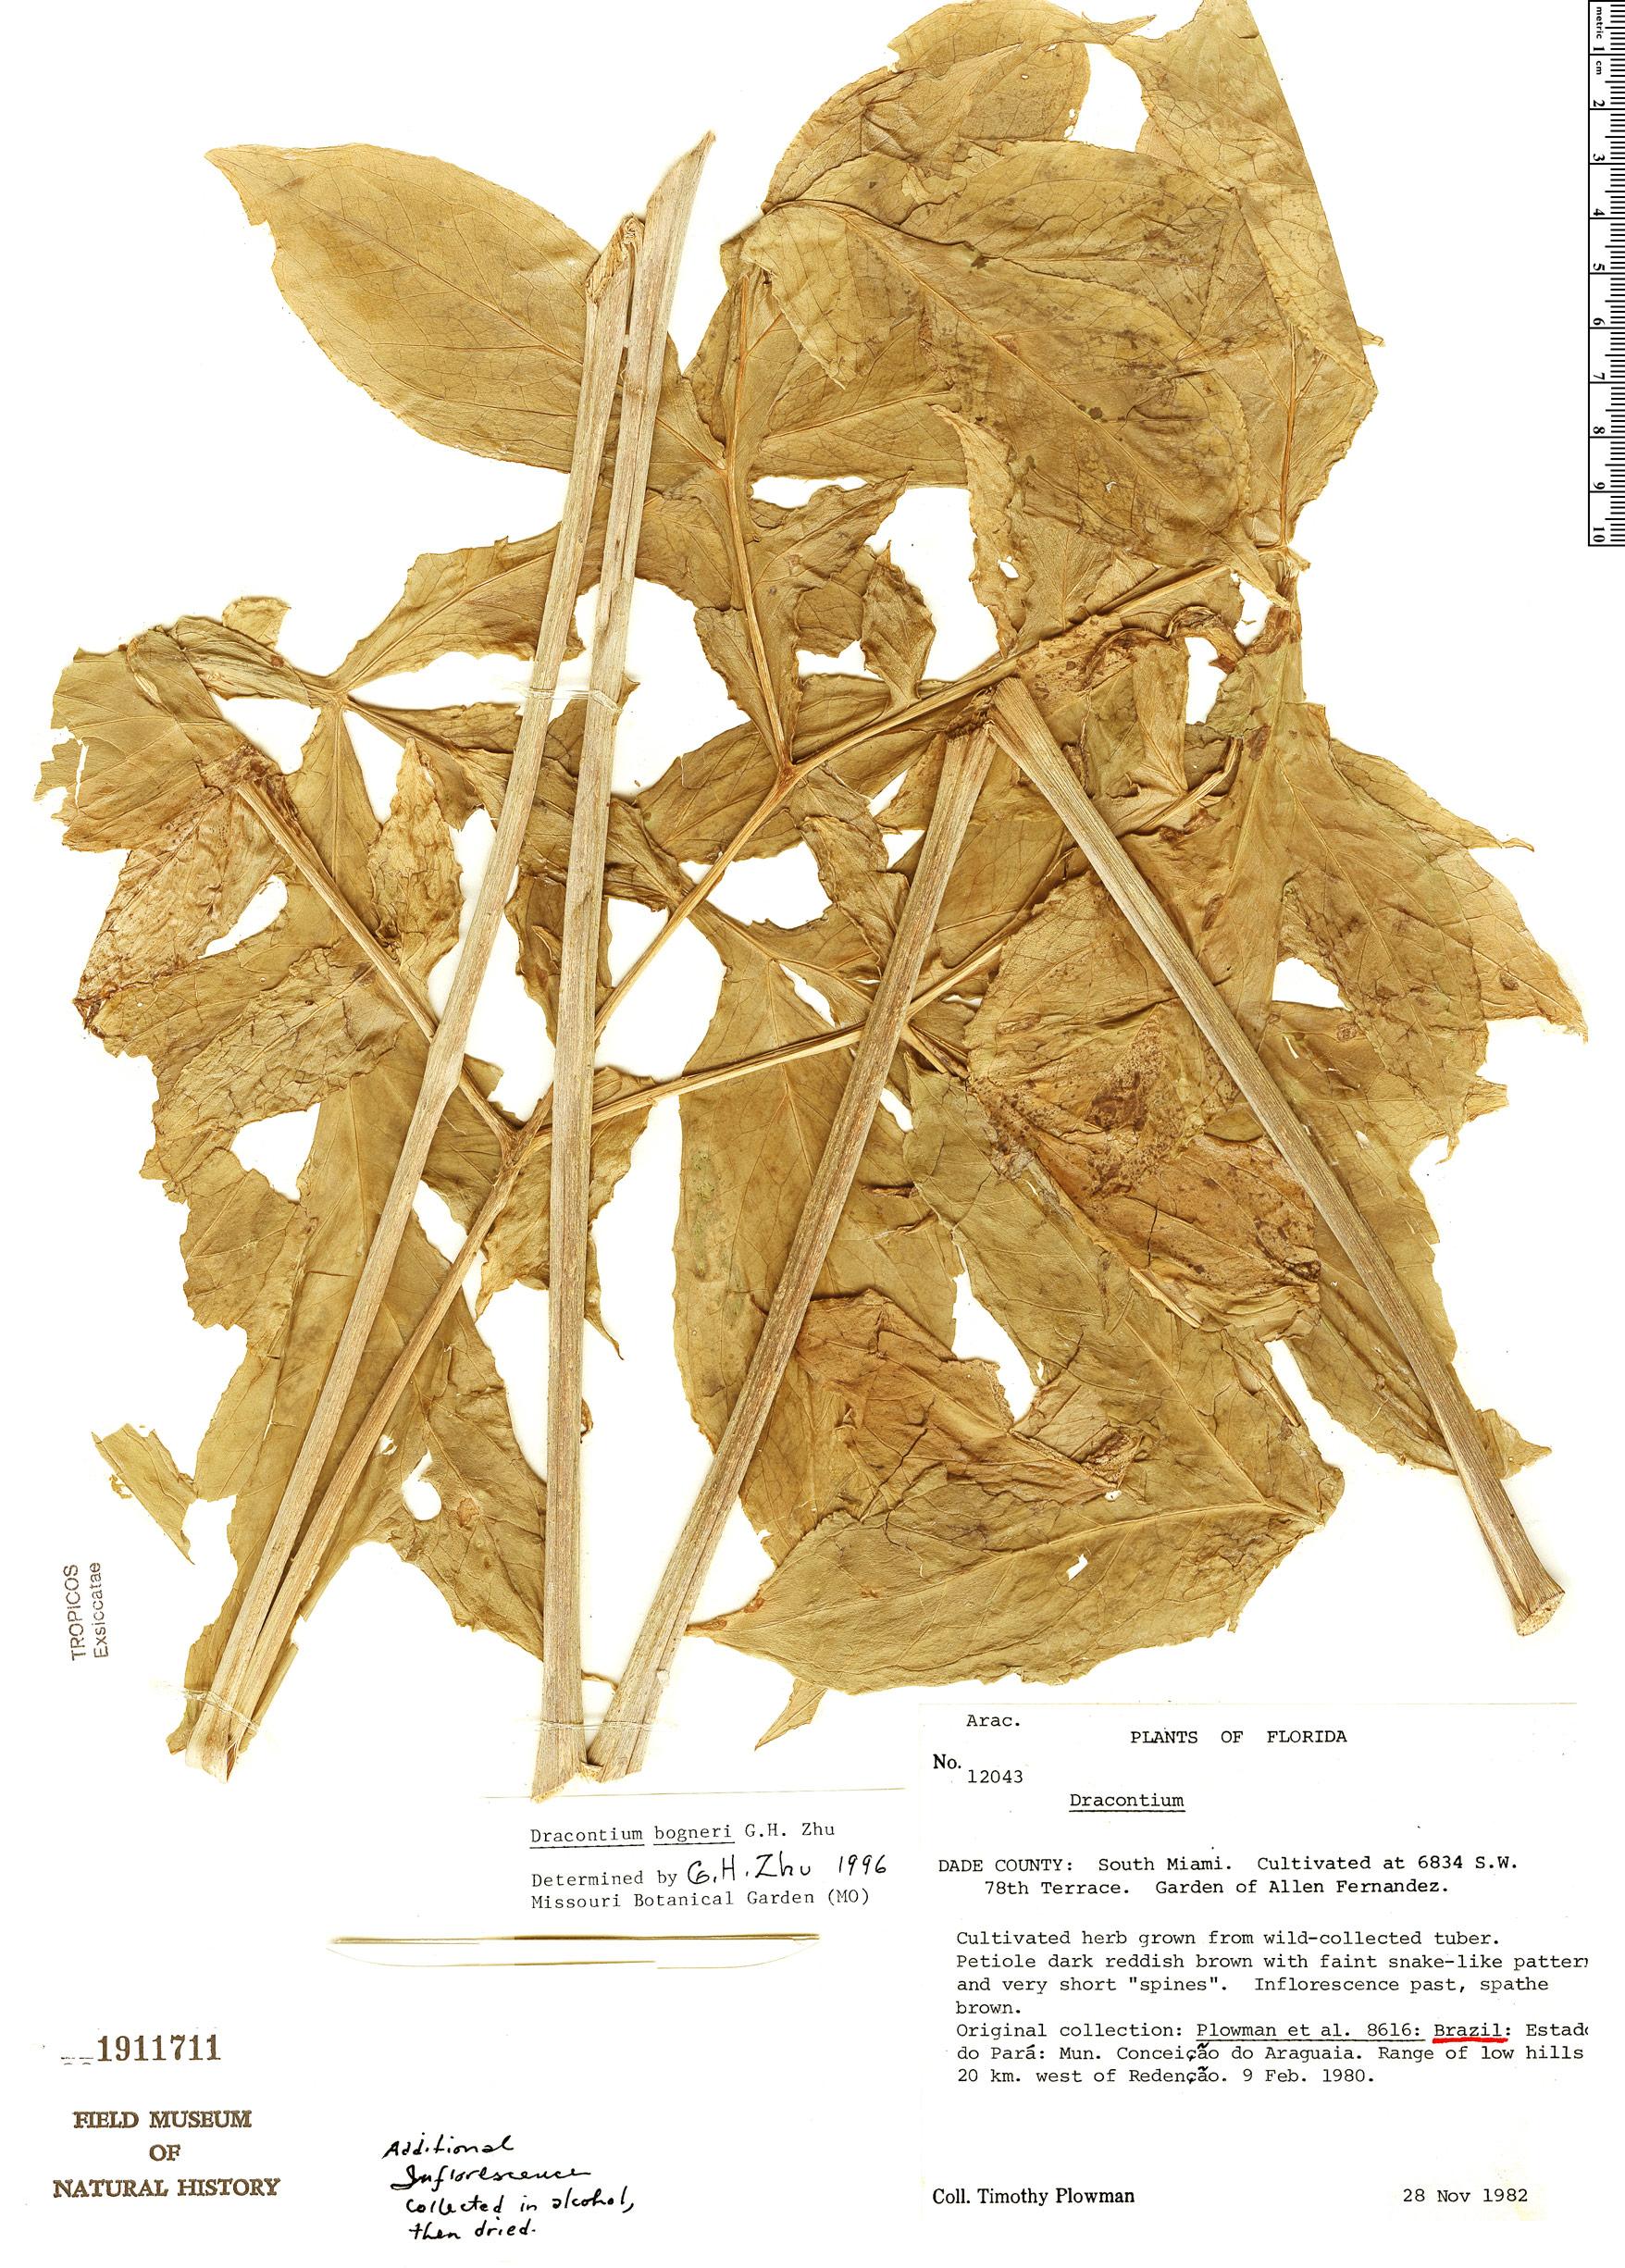 Specimen: Dracontium bogneri